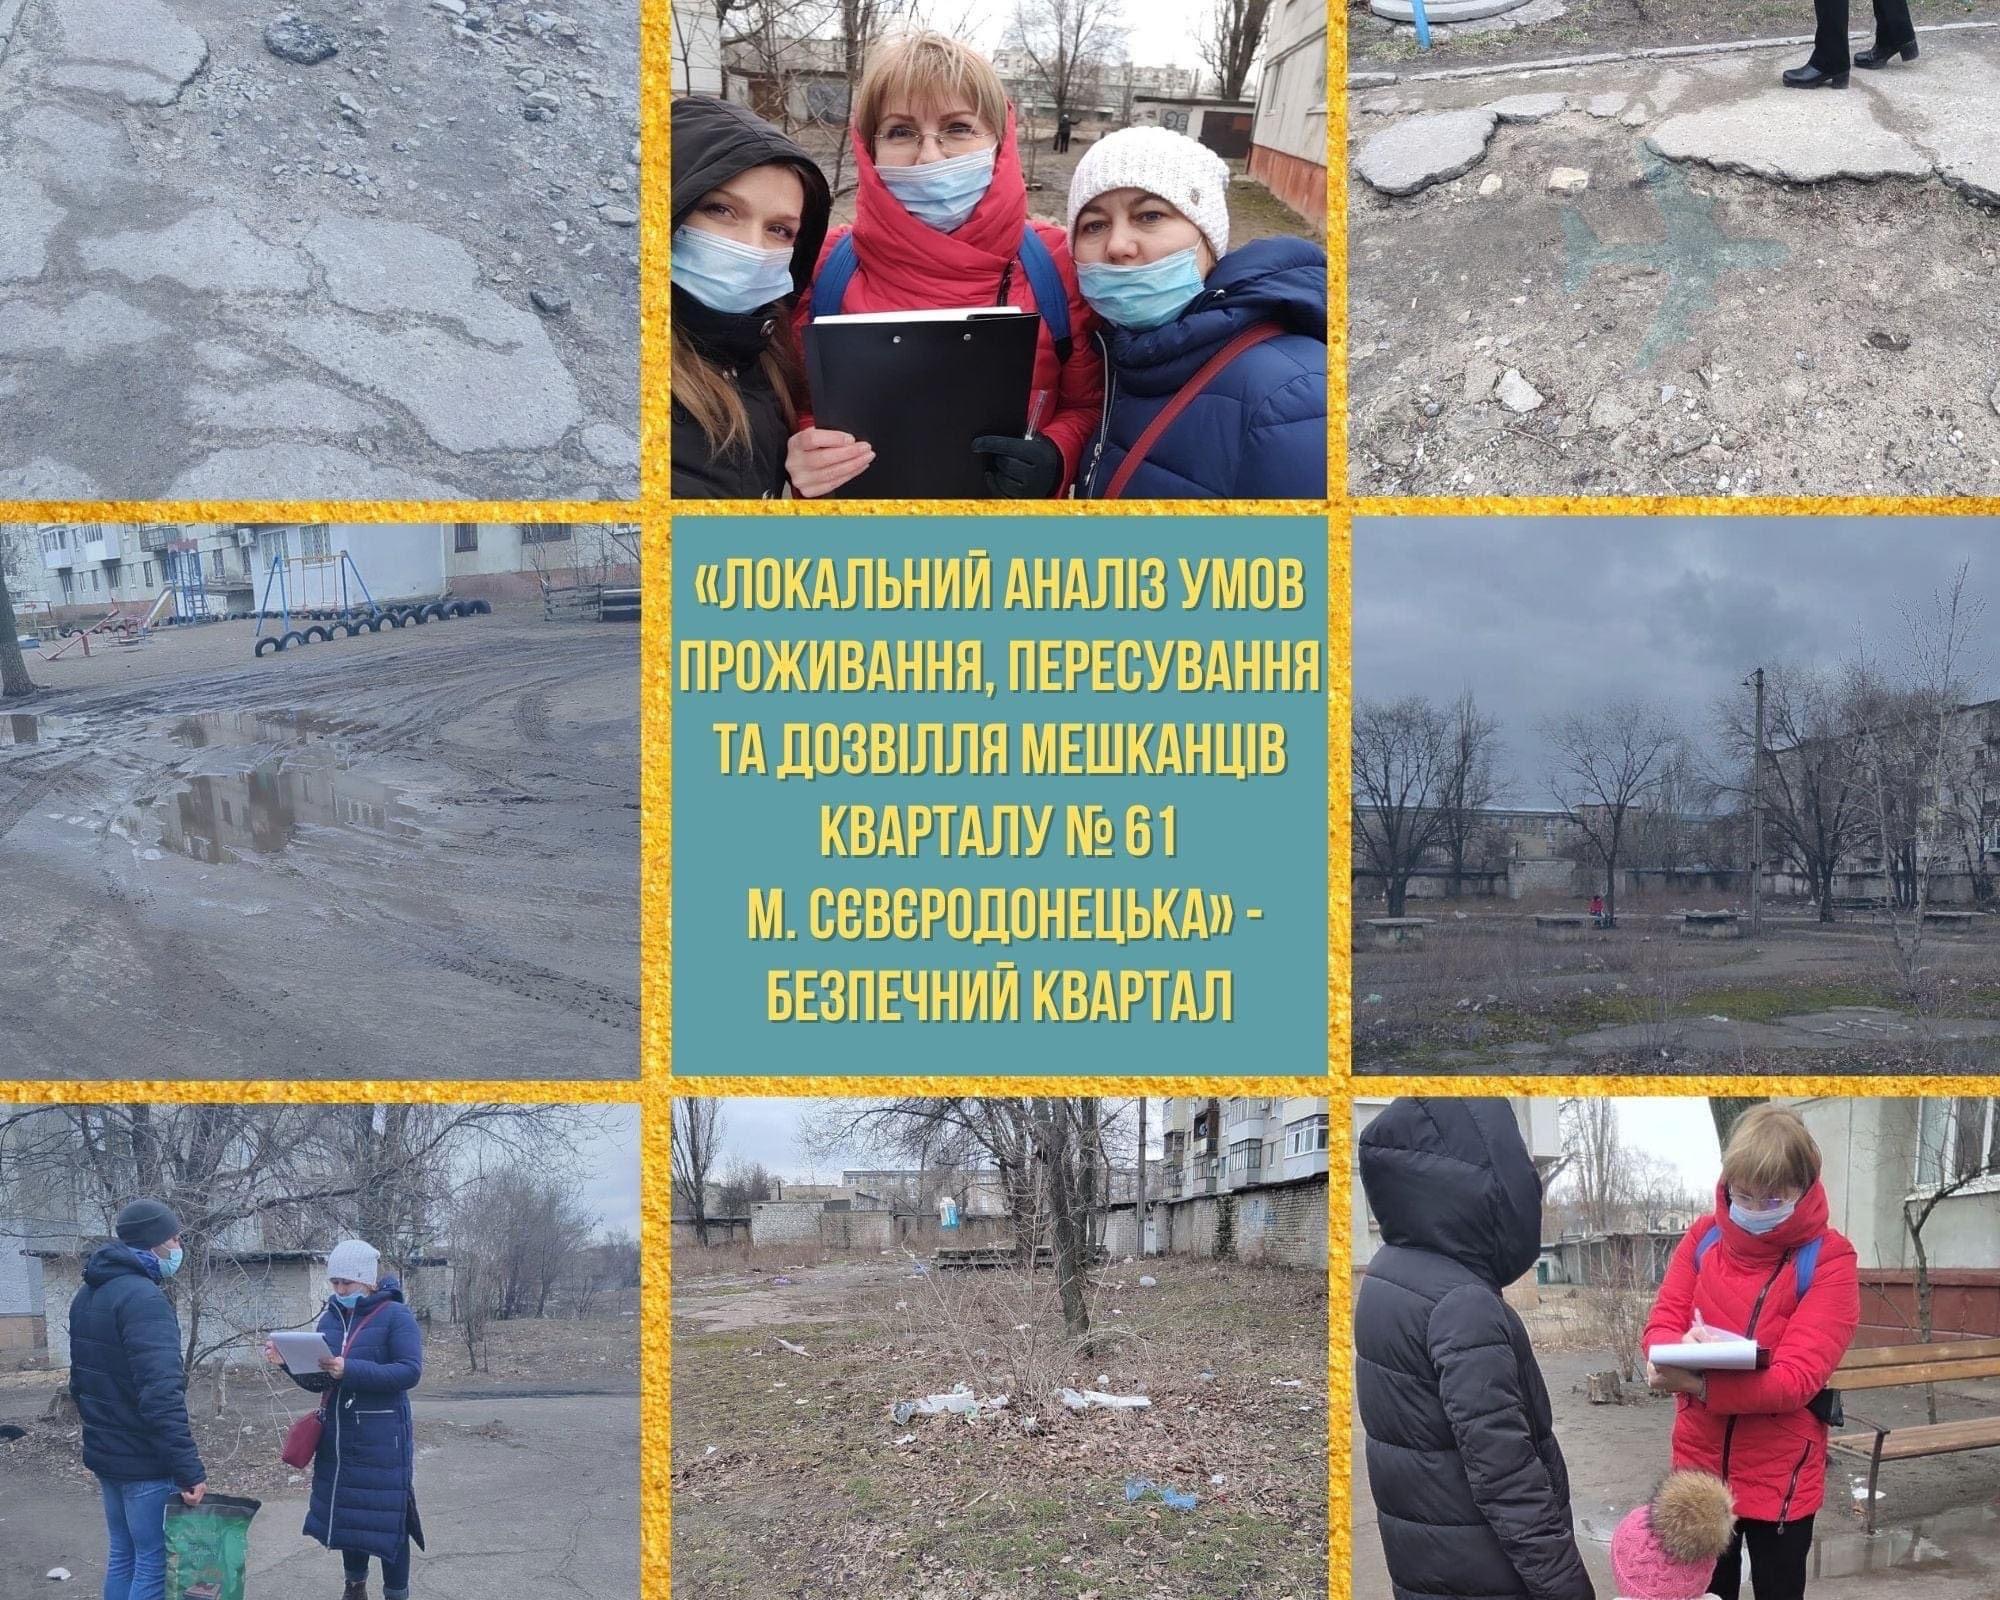 Системність та співпраця: успішний приклад проведення локального аналізу у Сєвєродонецьку